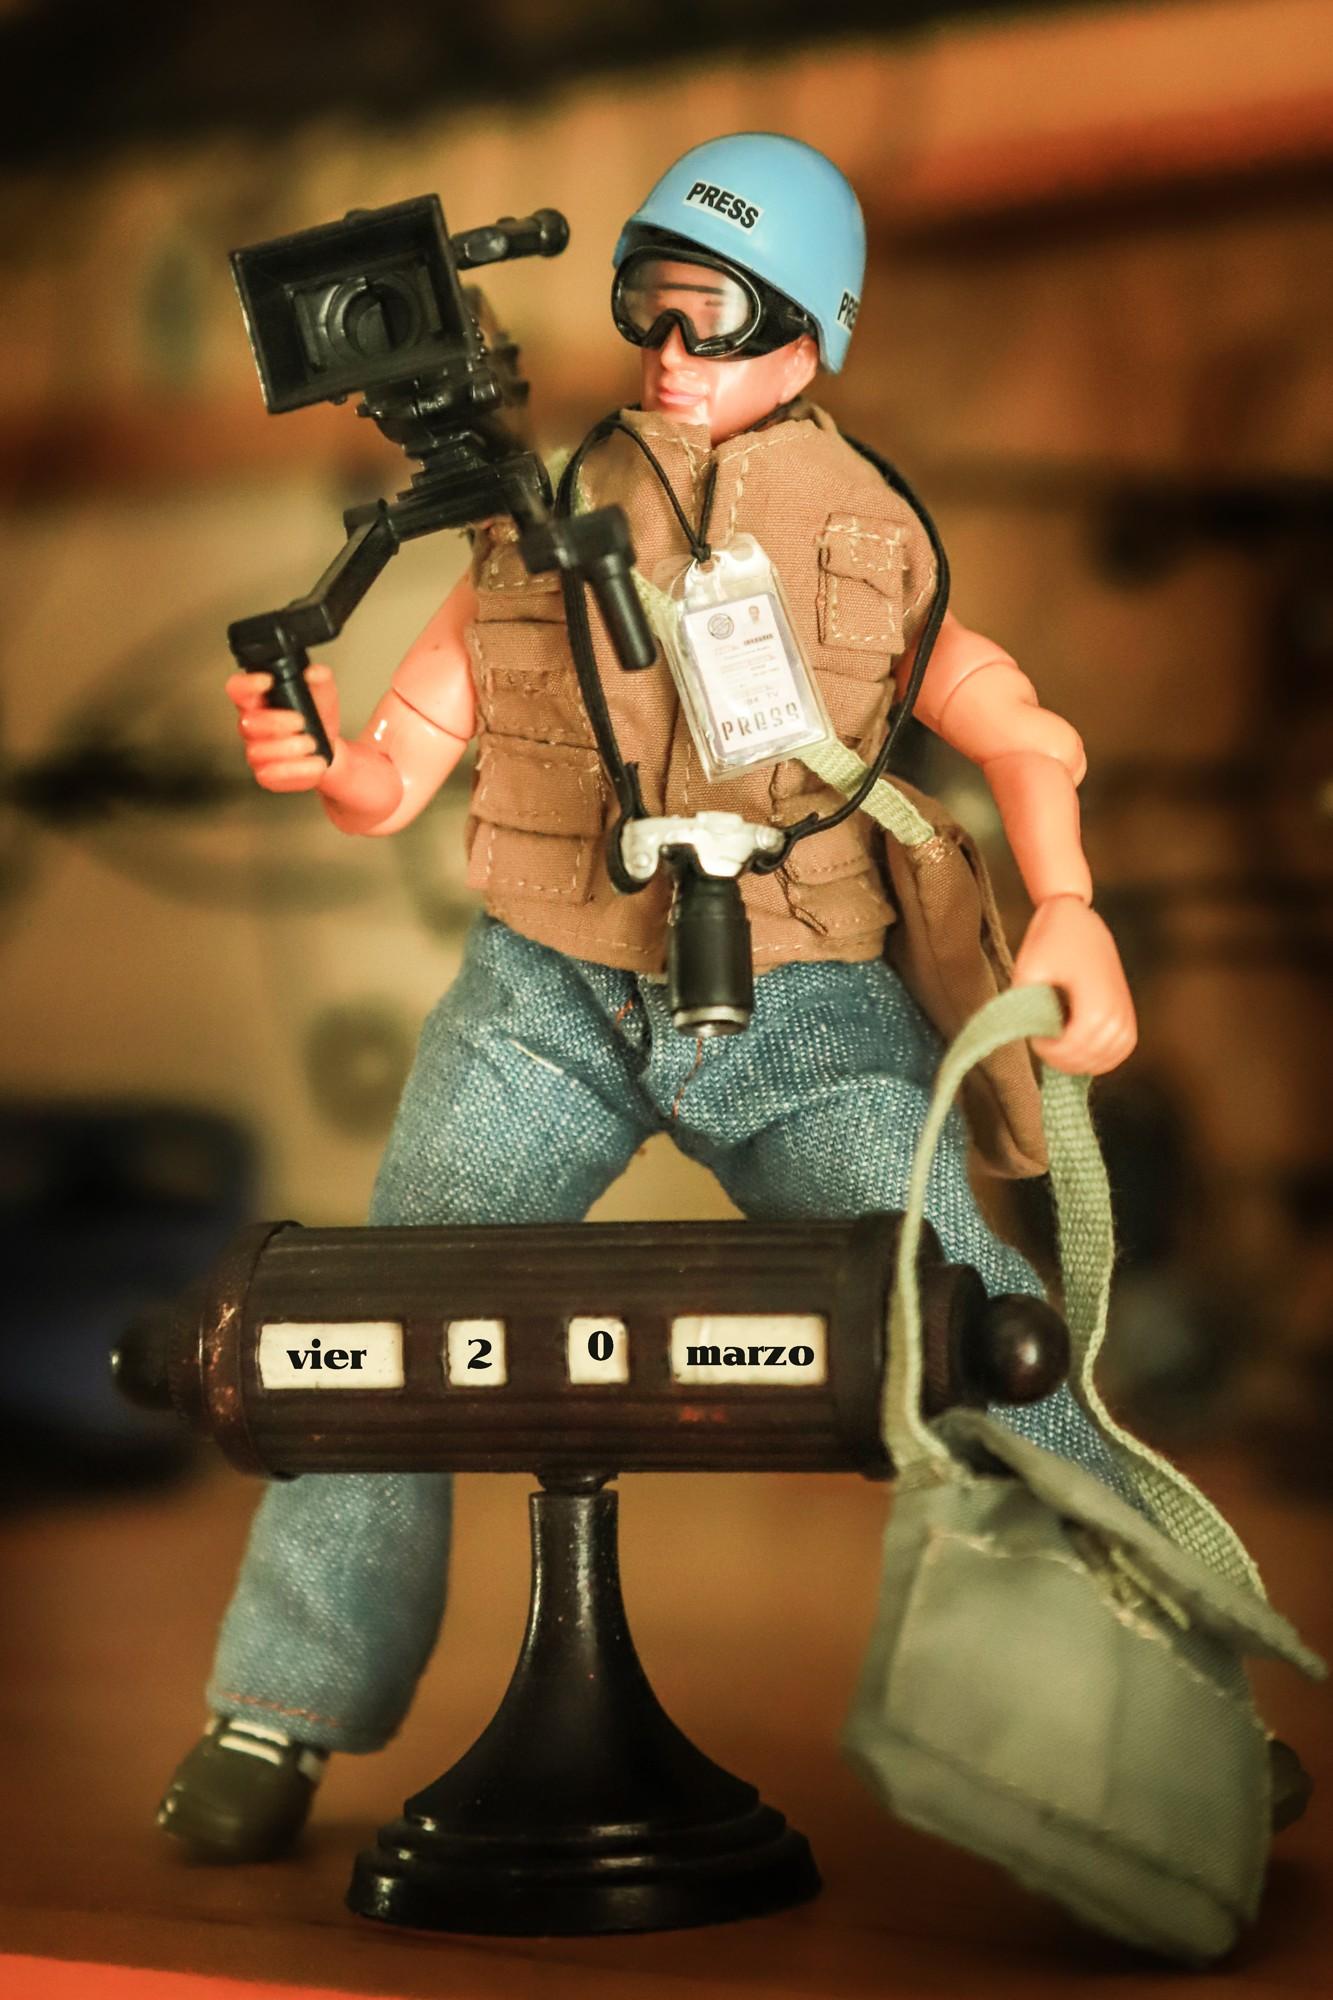 soldado prensa